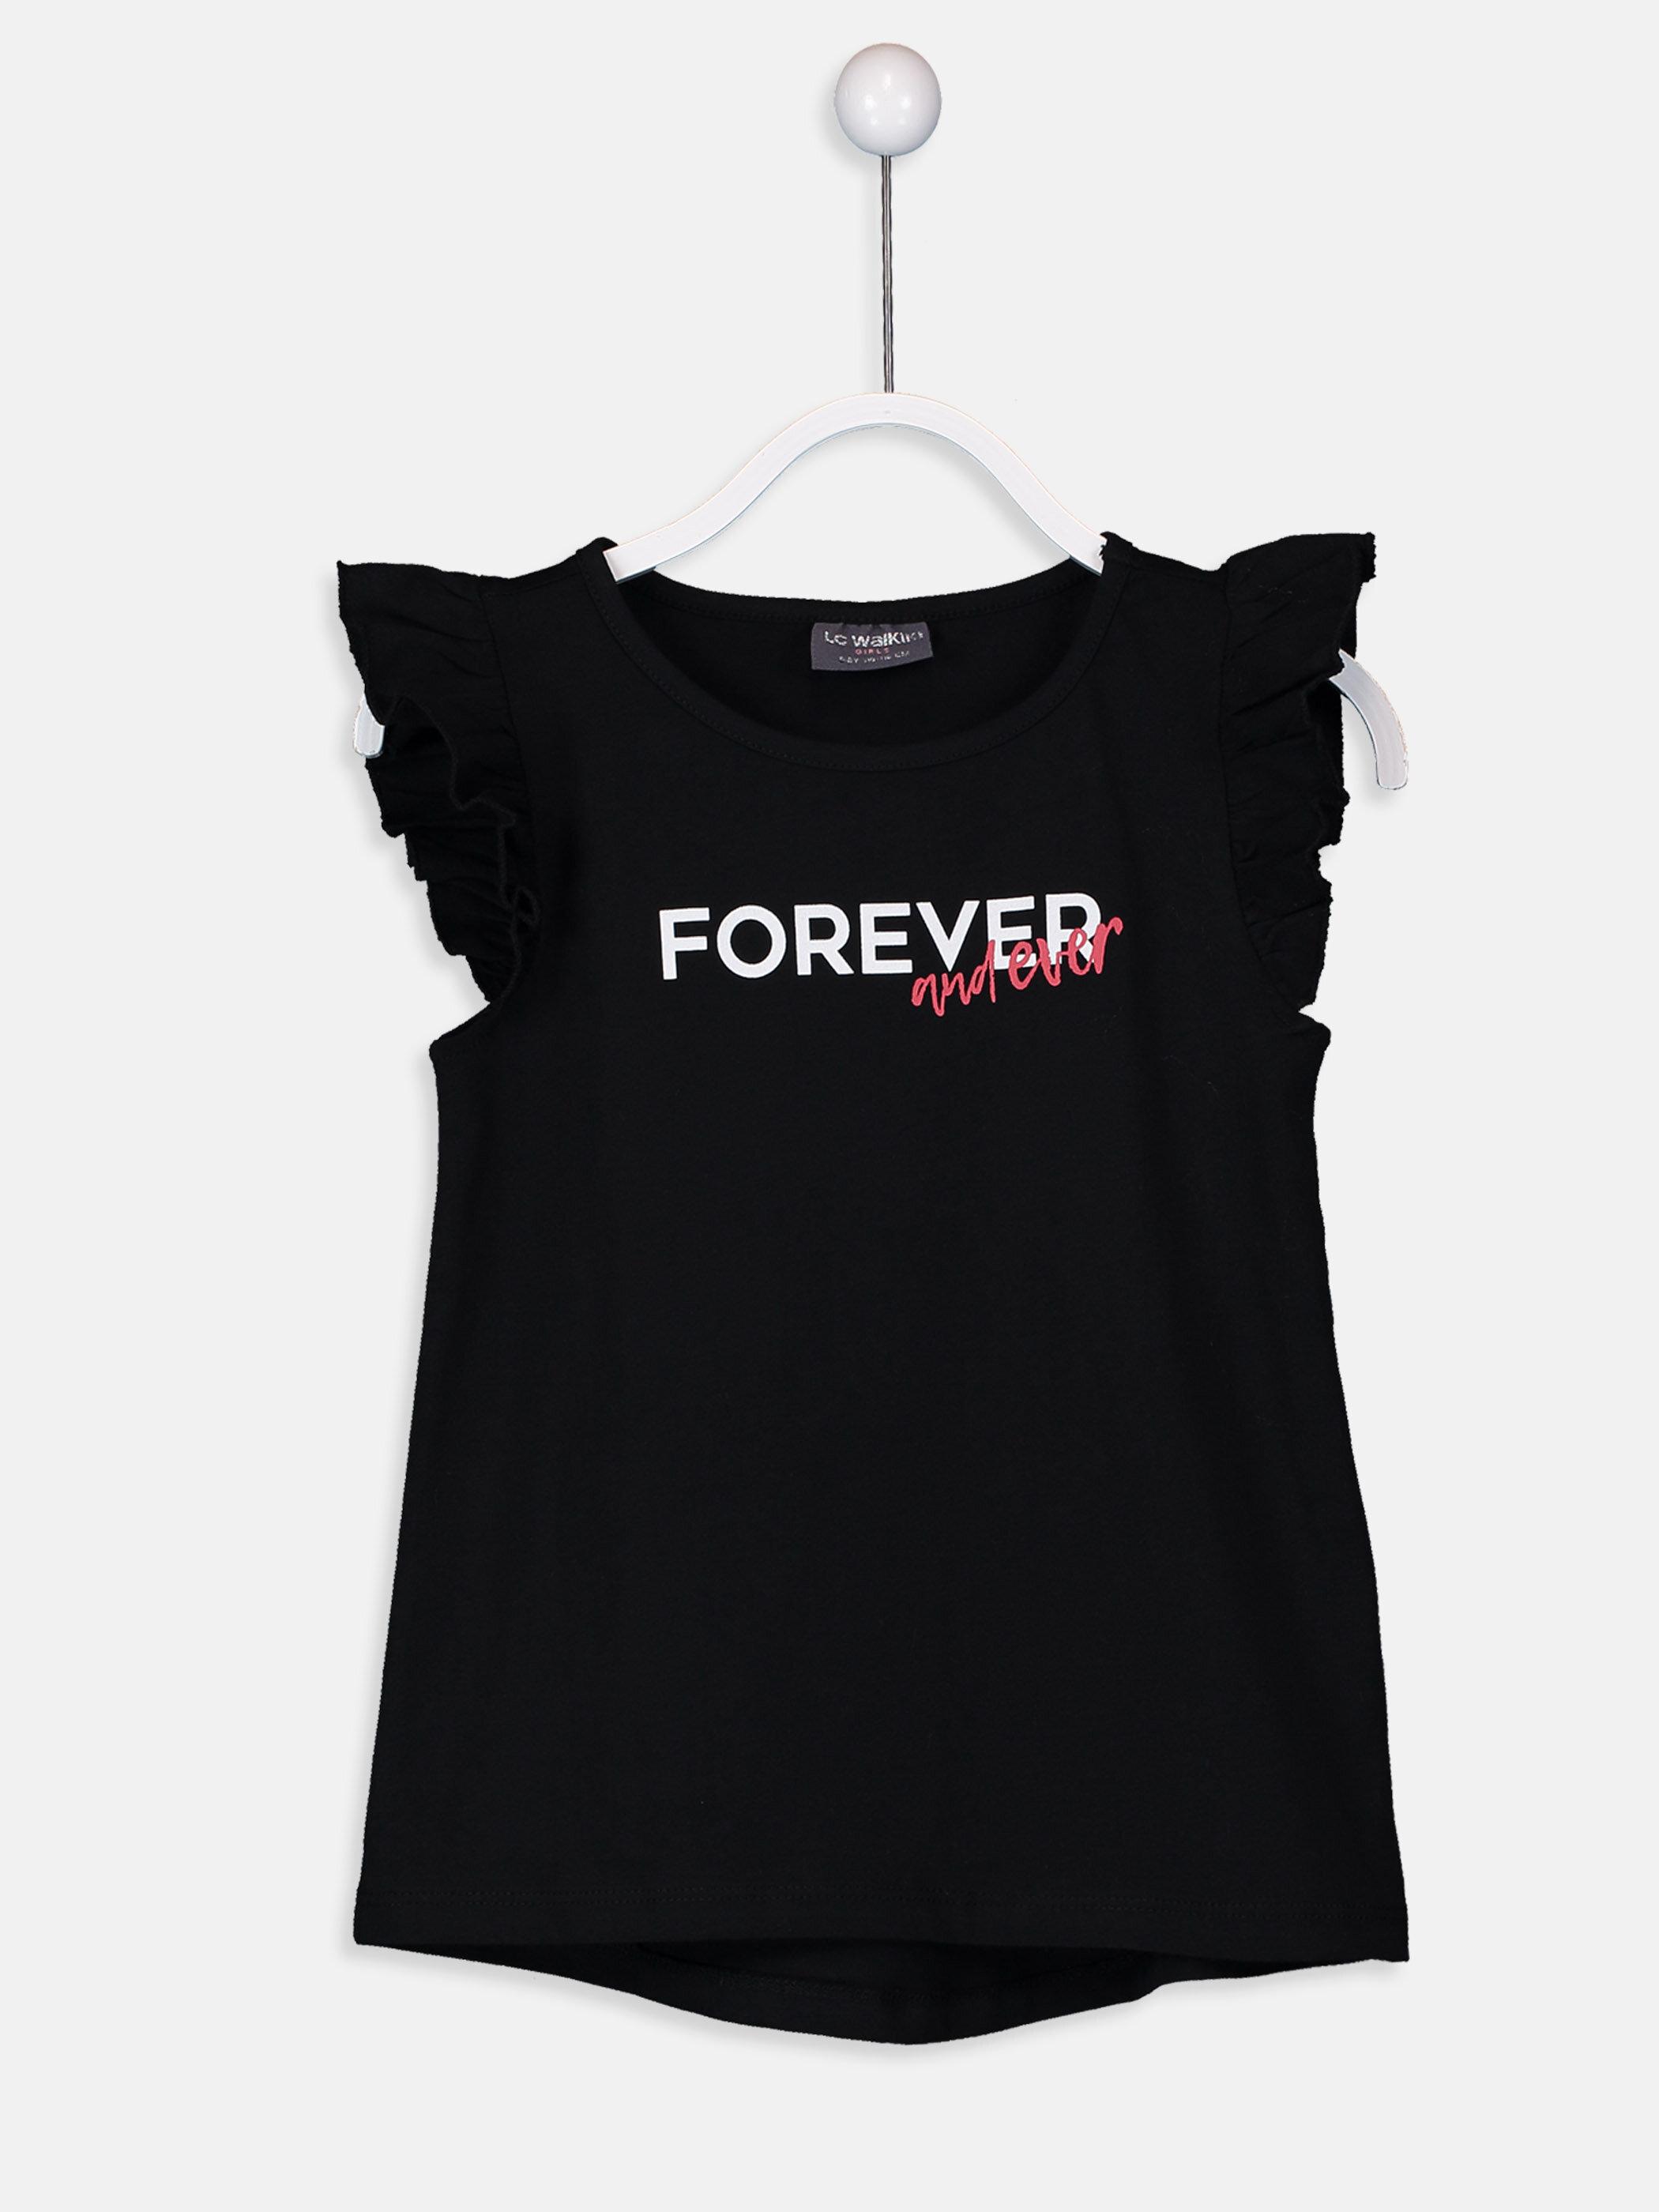 Kız Çocuk Yazı Baskılı Pamuklu Tişört -9SK557Z4-CVL